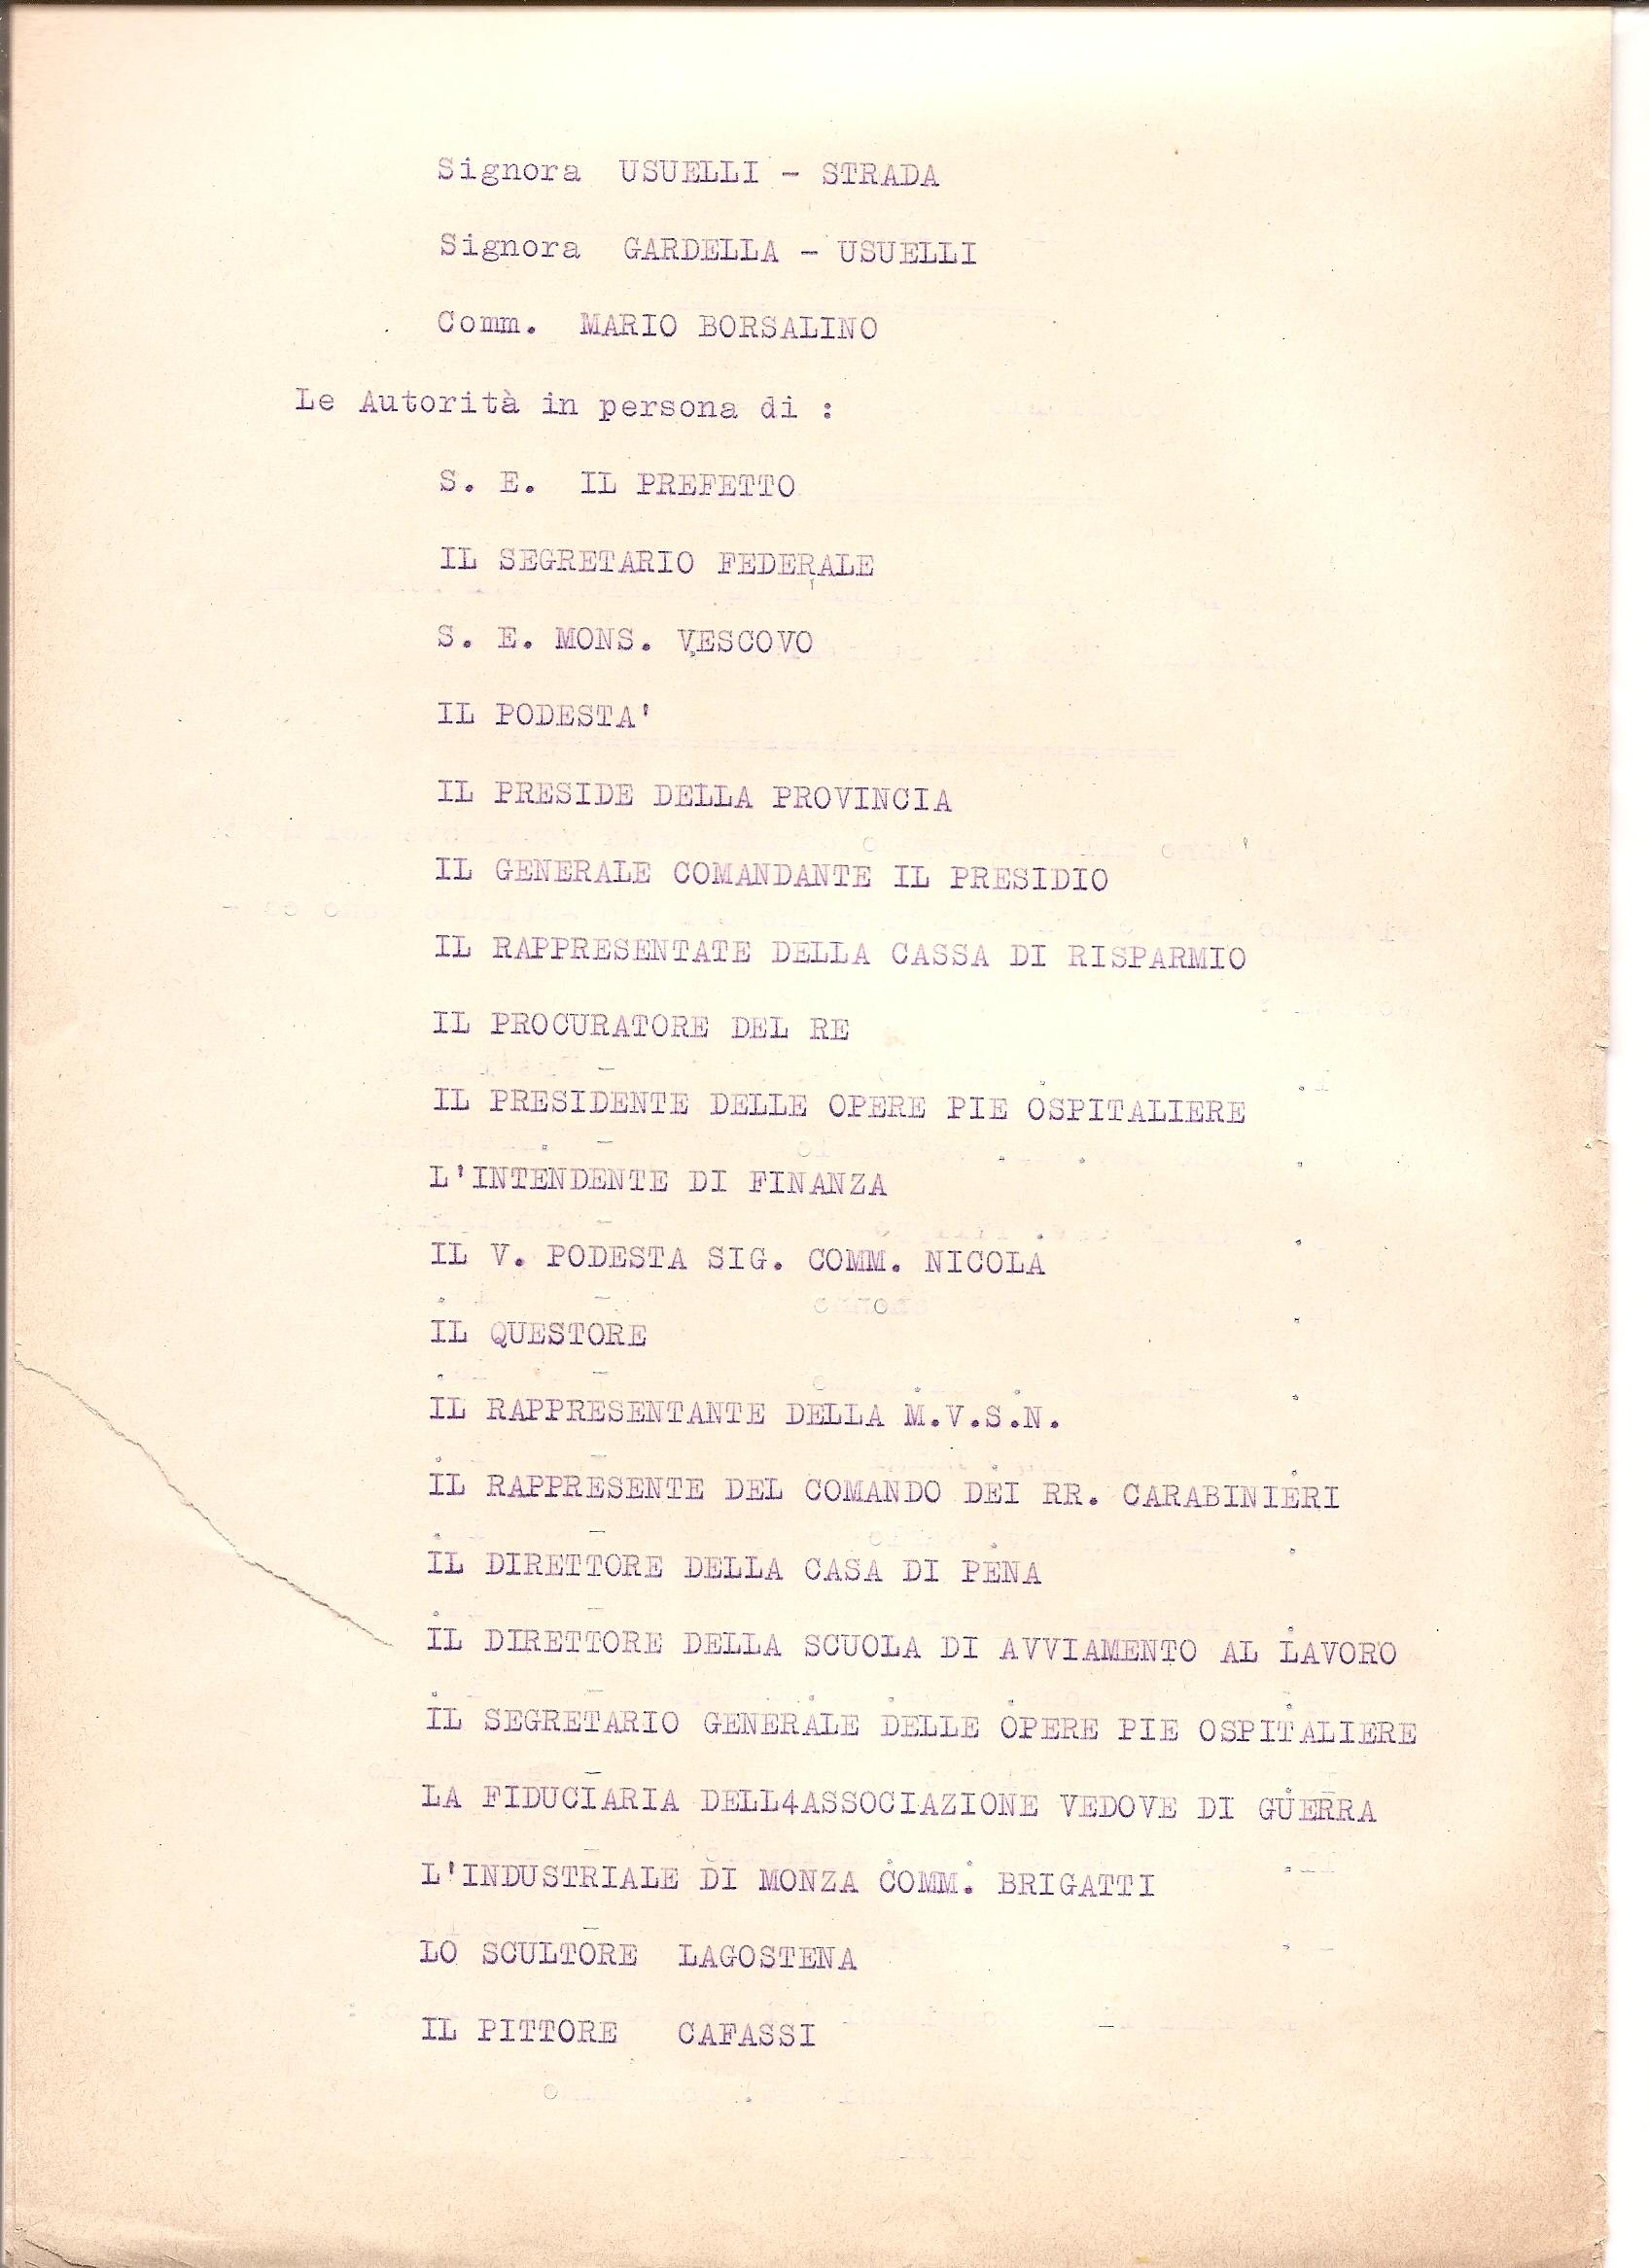 ... Novi Ligure aprile 1939 (COPIA). – Copia del Verbale di Inaugurazione  del monumento di S.M. Umberto I° in Alessandria- 1° settembre 1906. c8fcc70a3578